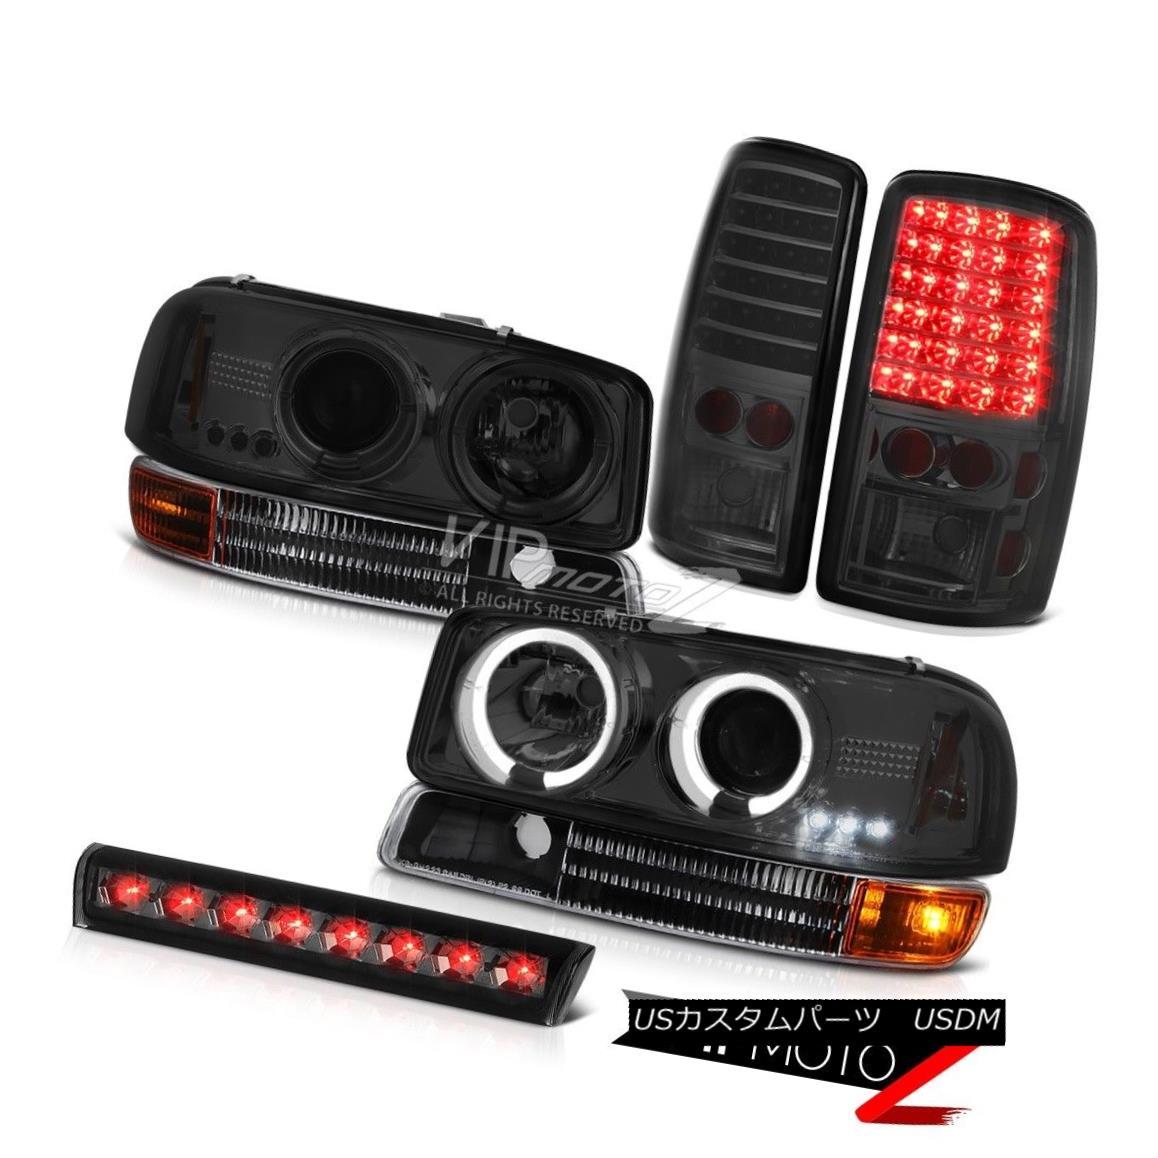 ヘッドライト Halo Projector Smoke Headlight Signal LED TailLight Roof Stop 00-06 GMC Yukon XL ヘイロープロジェクタースモークヘッドライト信号LEDテールライトルーフストップ00-06 GMC Yukon XL